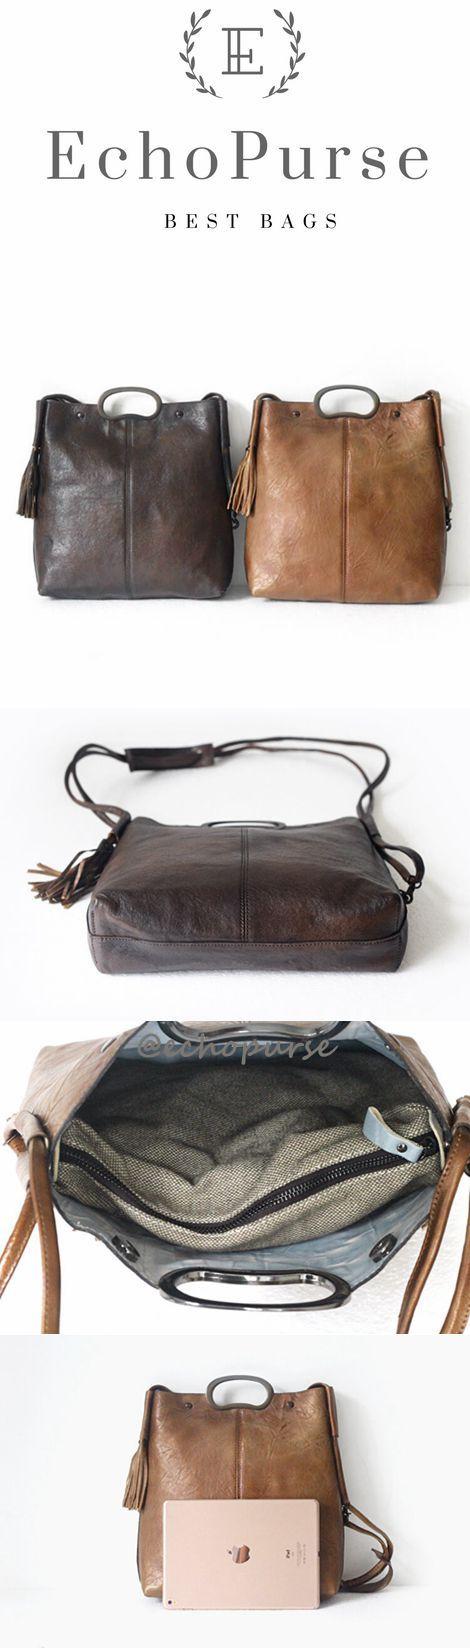 New Arrivel Brush Leather Handbag, Women Purse, Tote Bag, Shoulder bag PPM023